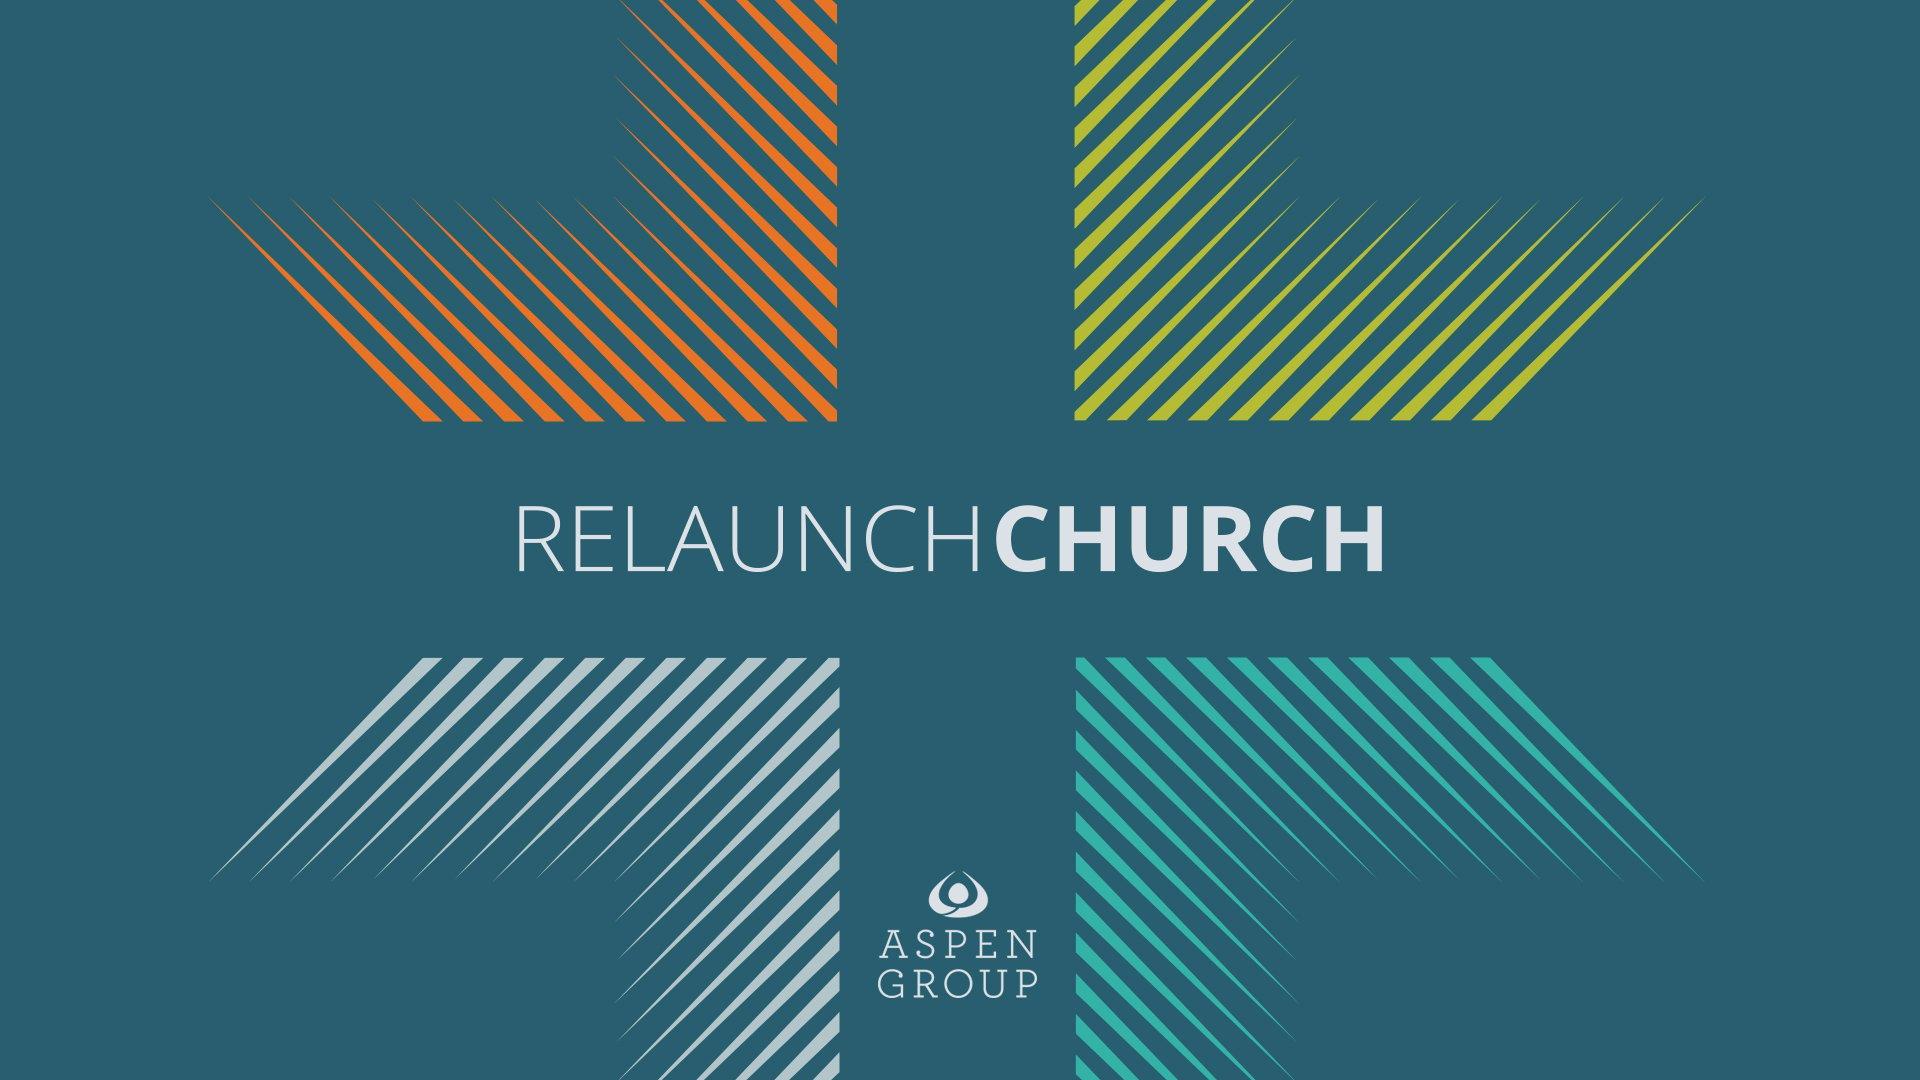 Relaunch Church - from Aspen Group